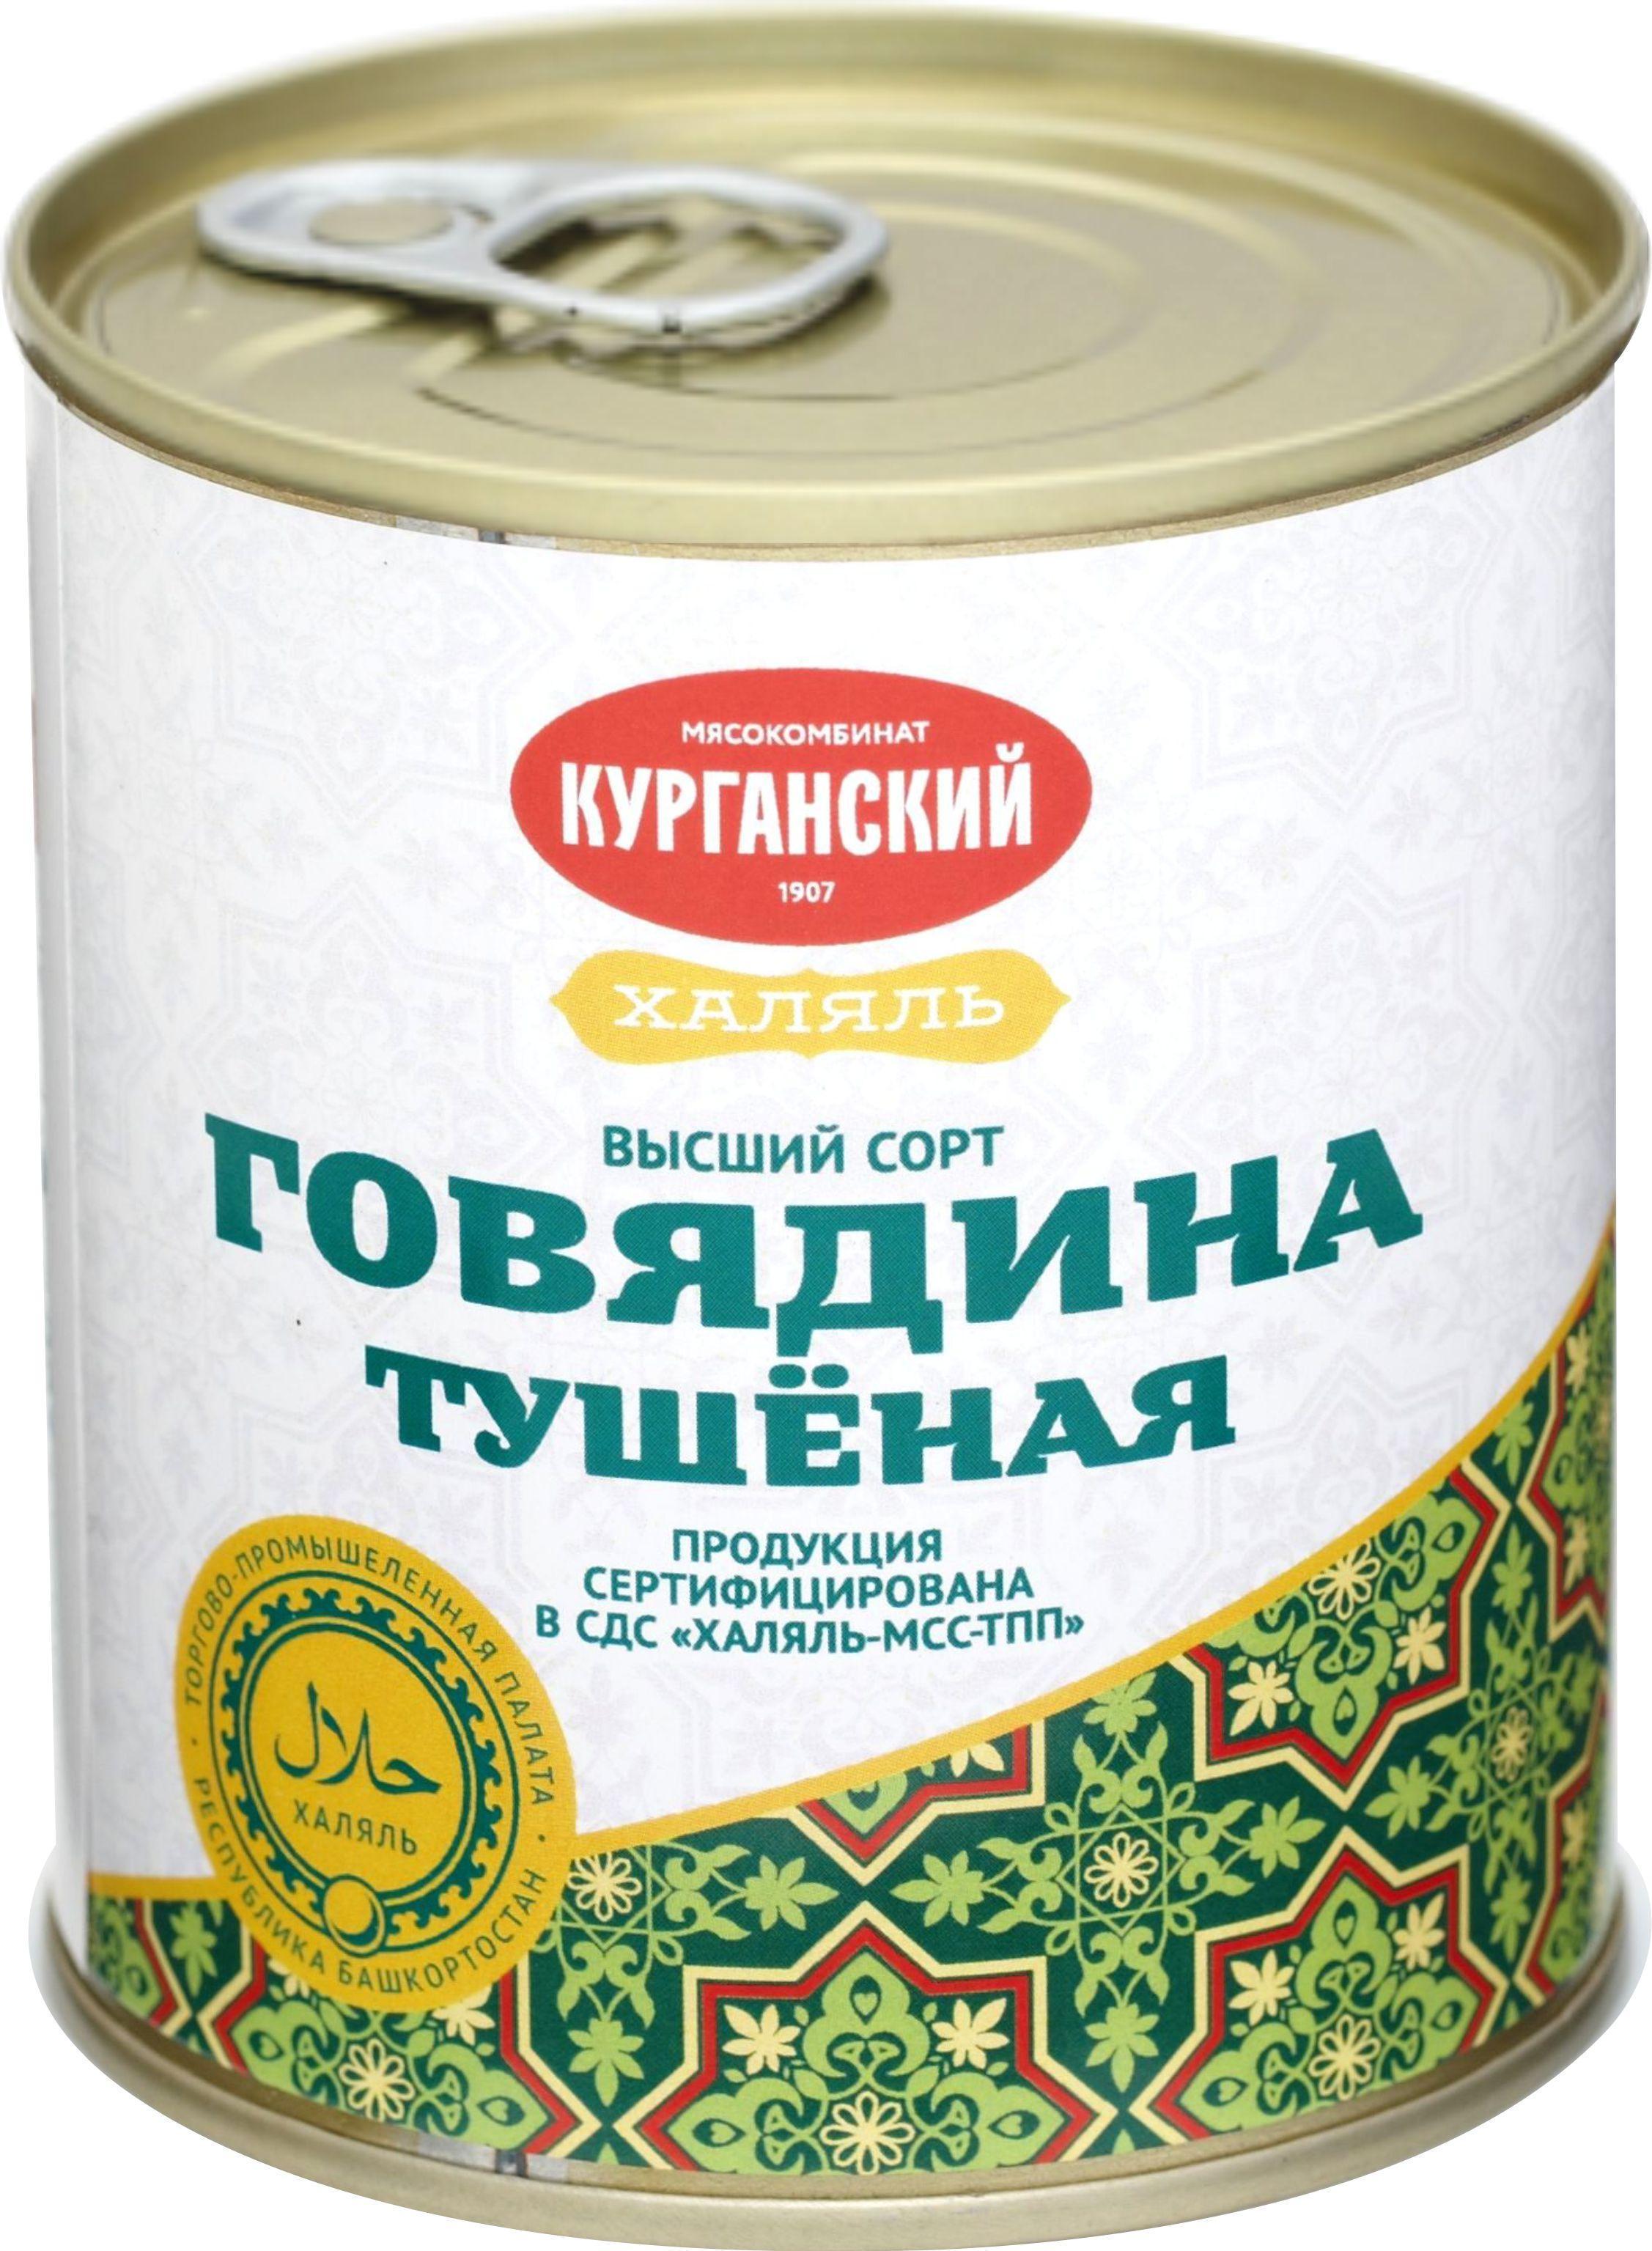 Мясные консервы Курганский МК Говядина тушеная халяль